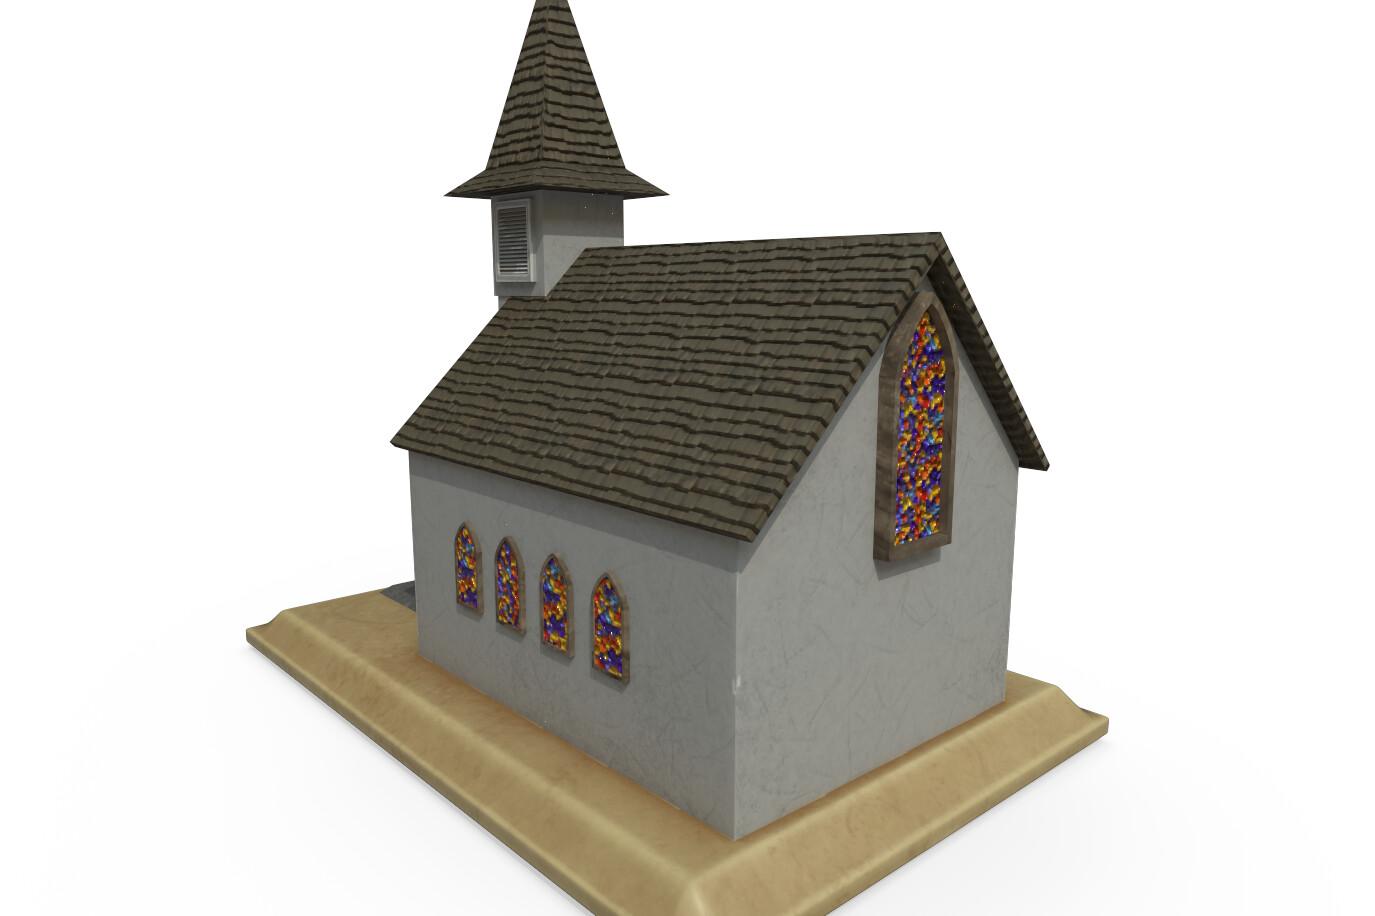 Joseph moniz church001g